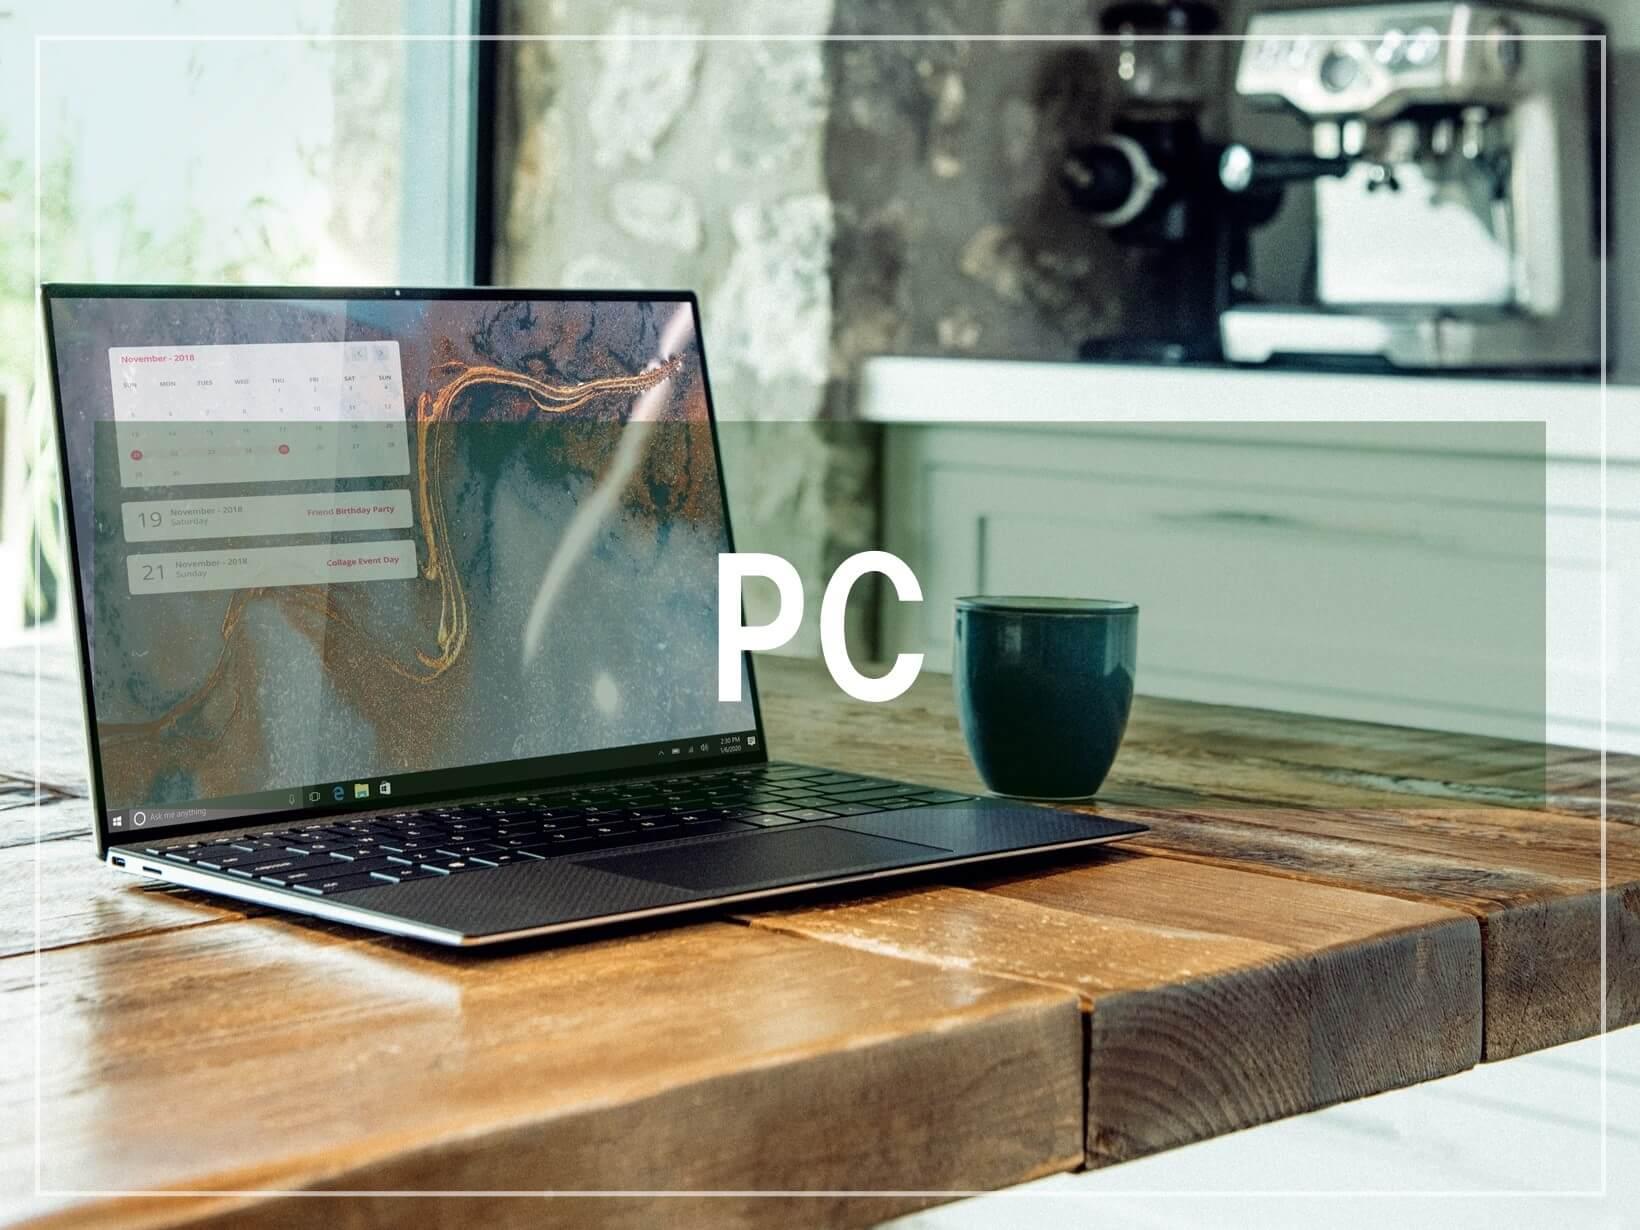 「PC」の記事一覧